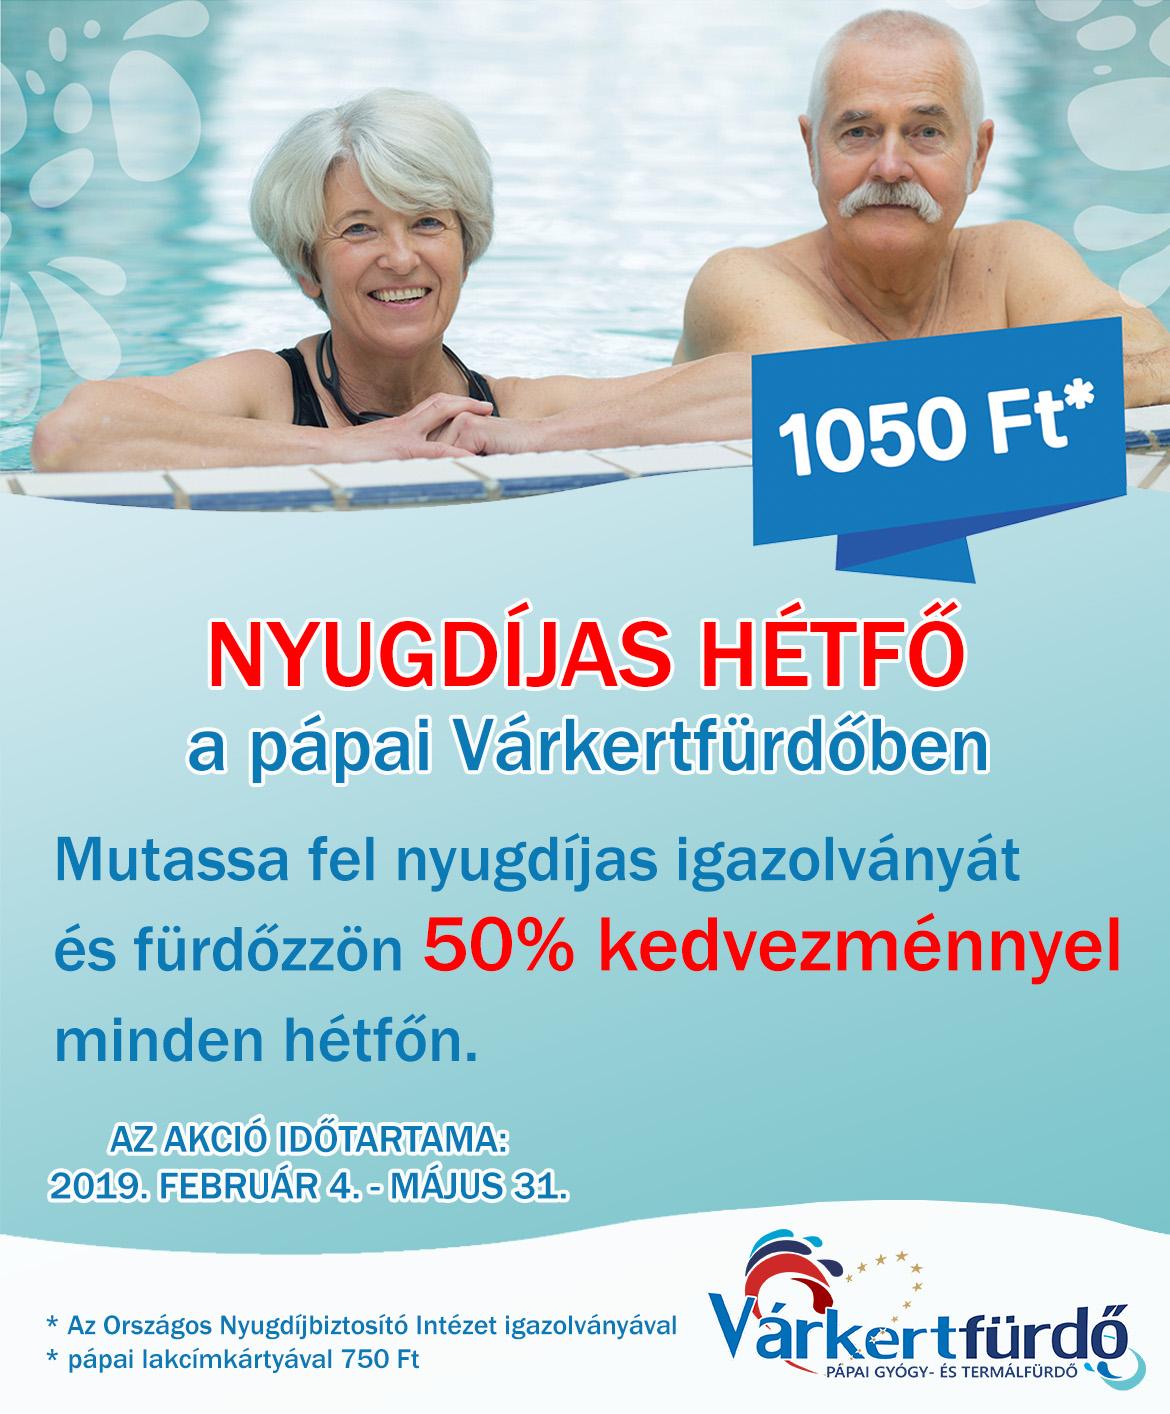 Nyugdíjas hétfő 2019.02.04-05.31.